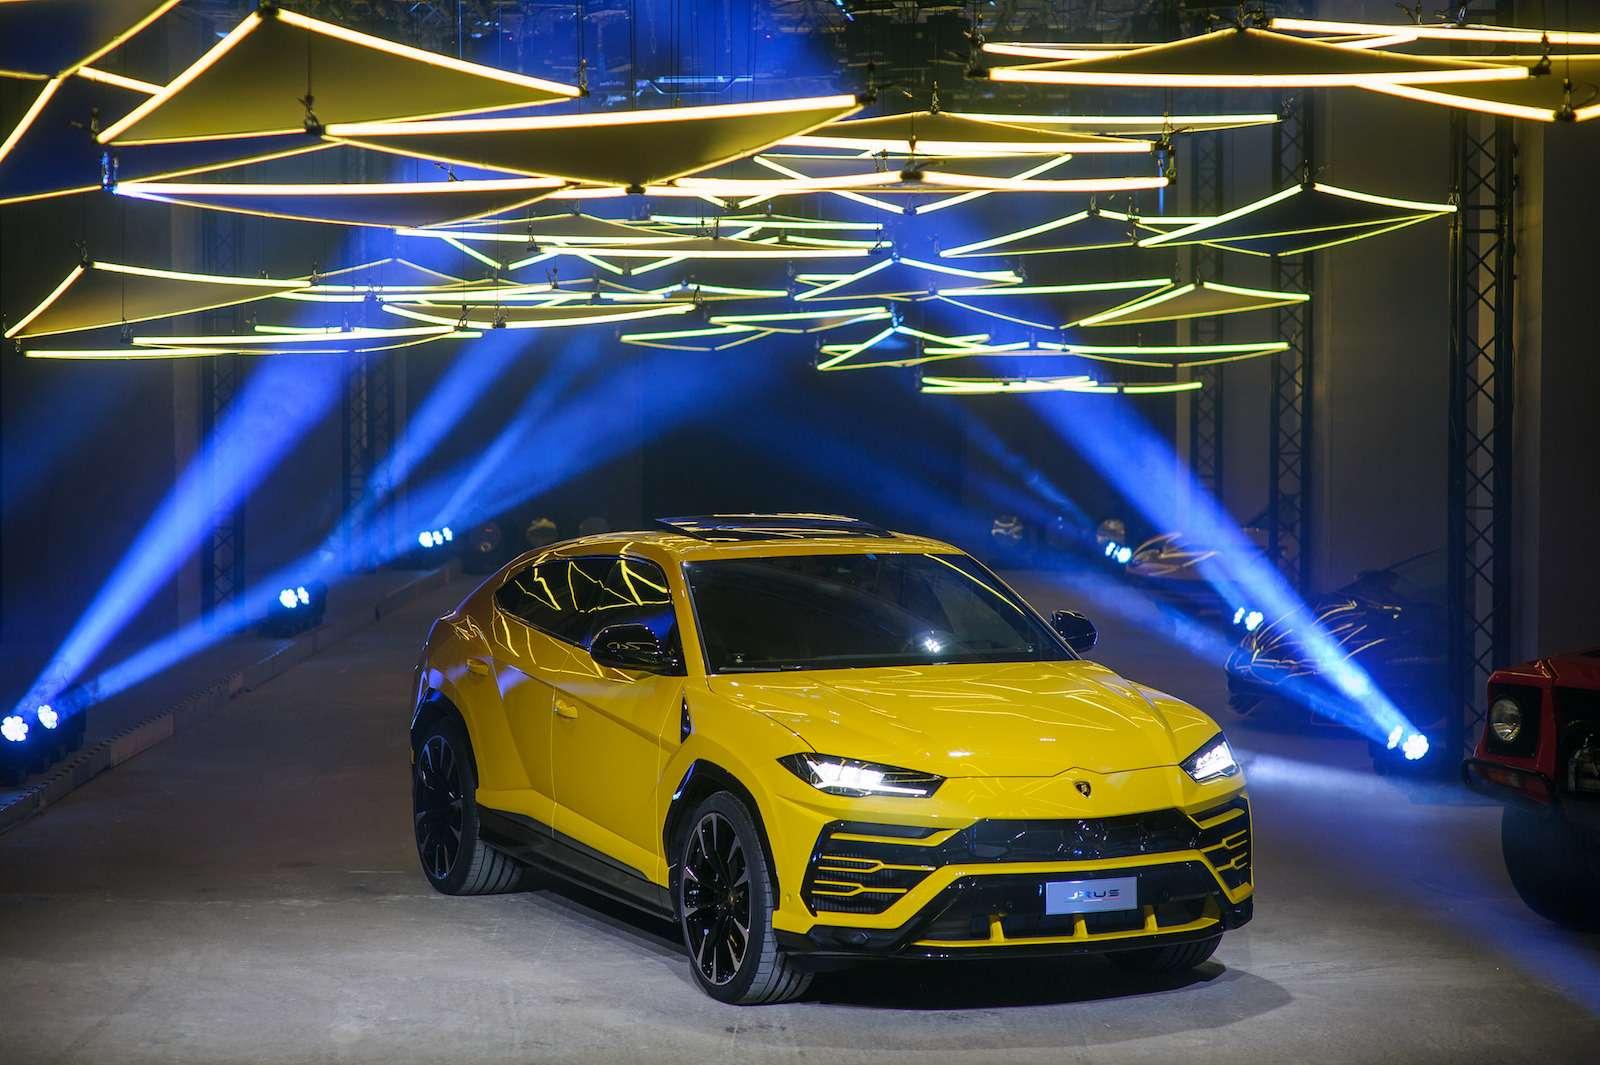 Lamborghini привезла вРоссию автомобиль, который небоится «лежачих полицейских»— фото 845783